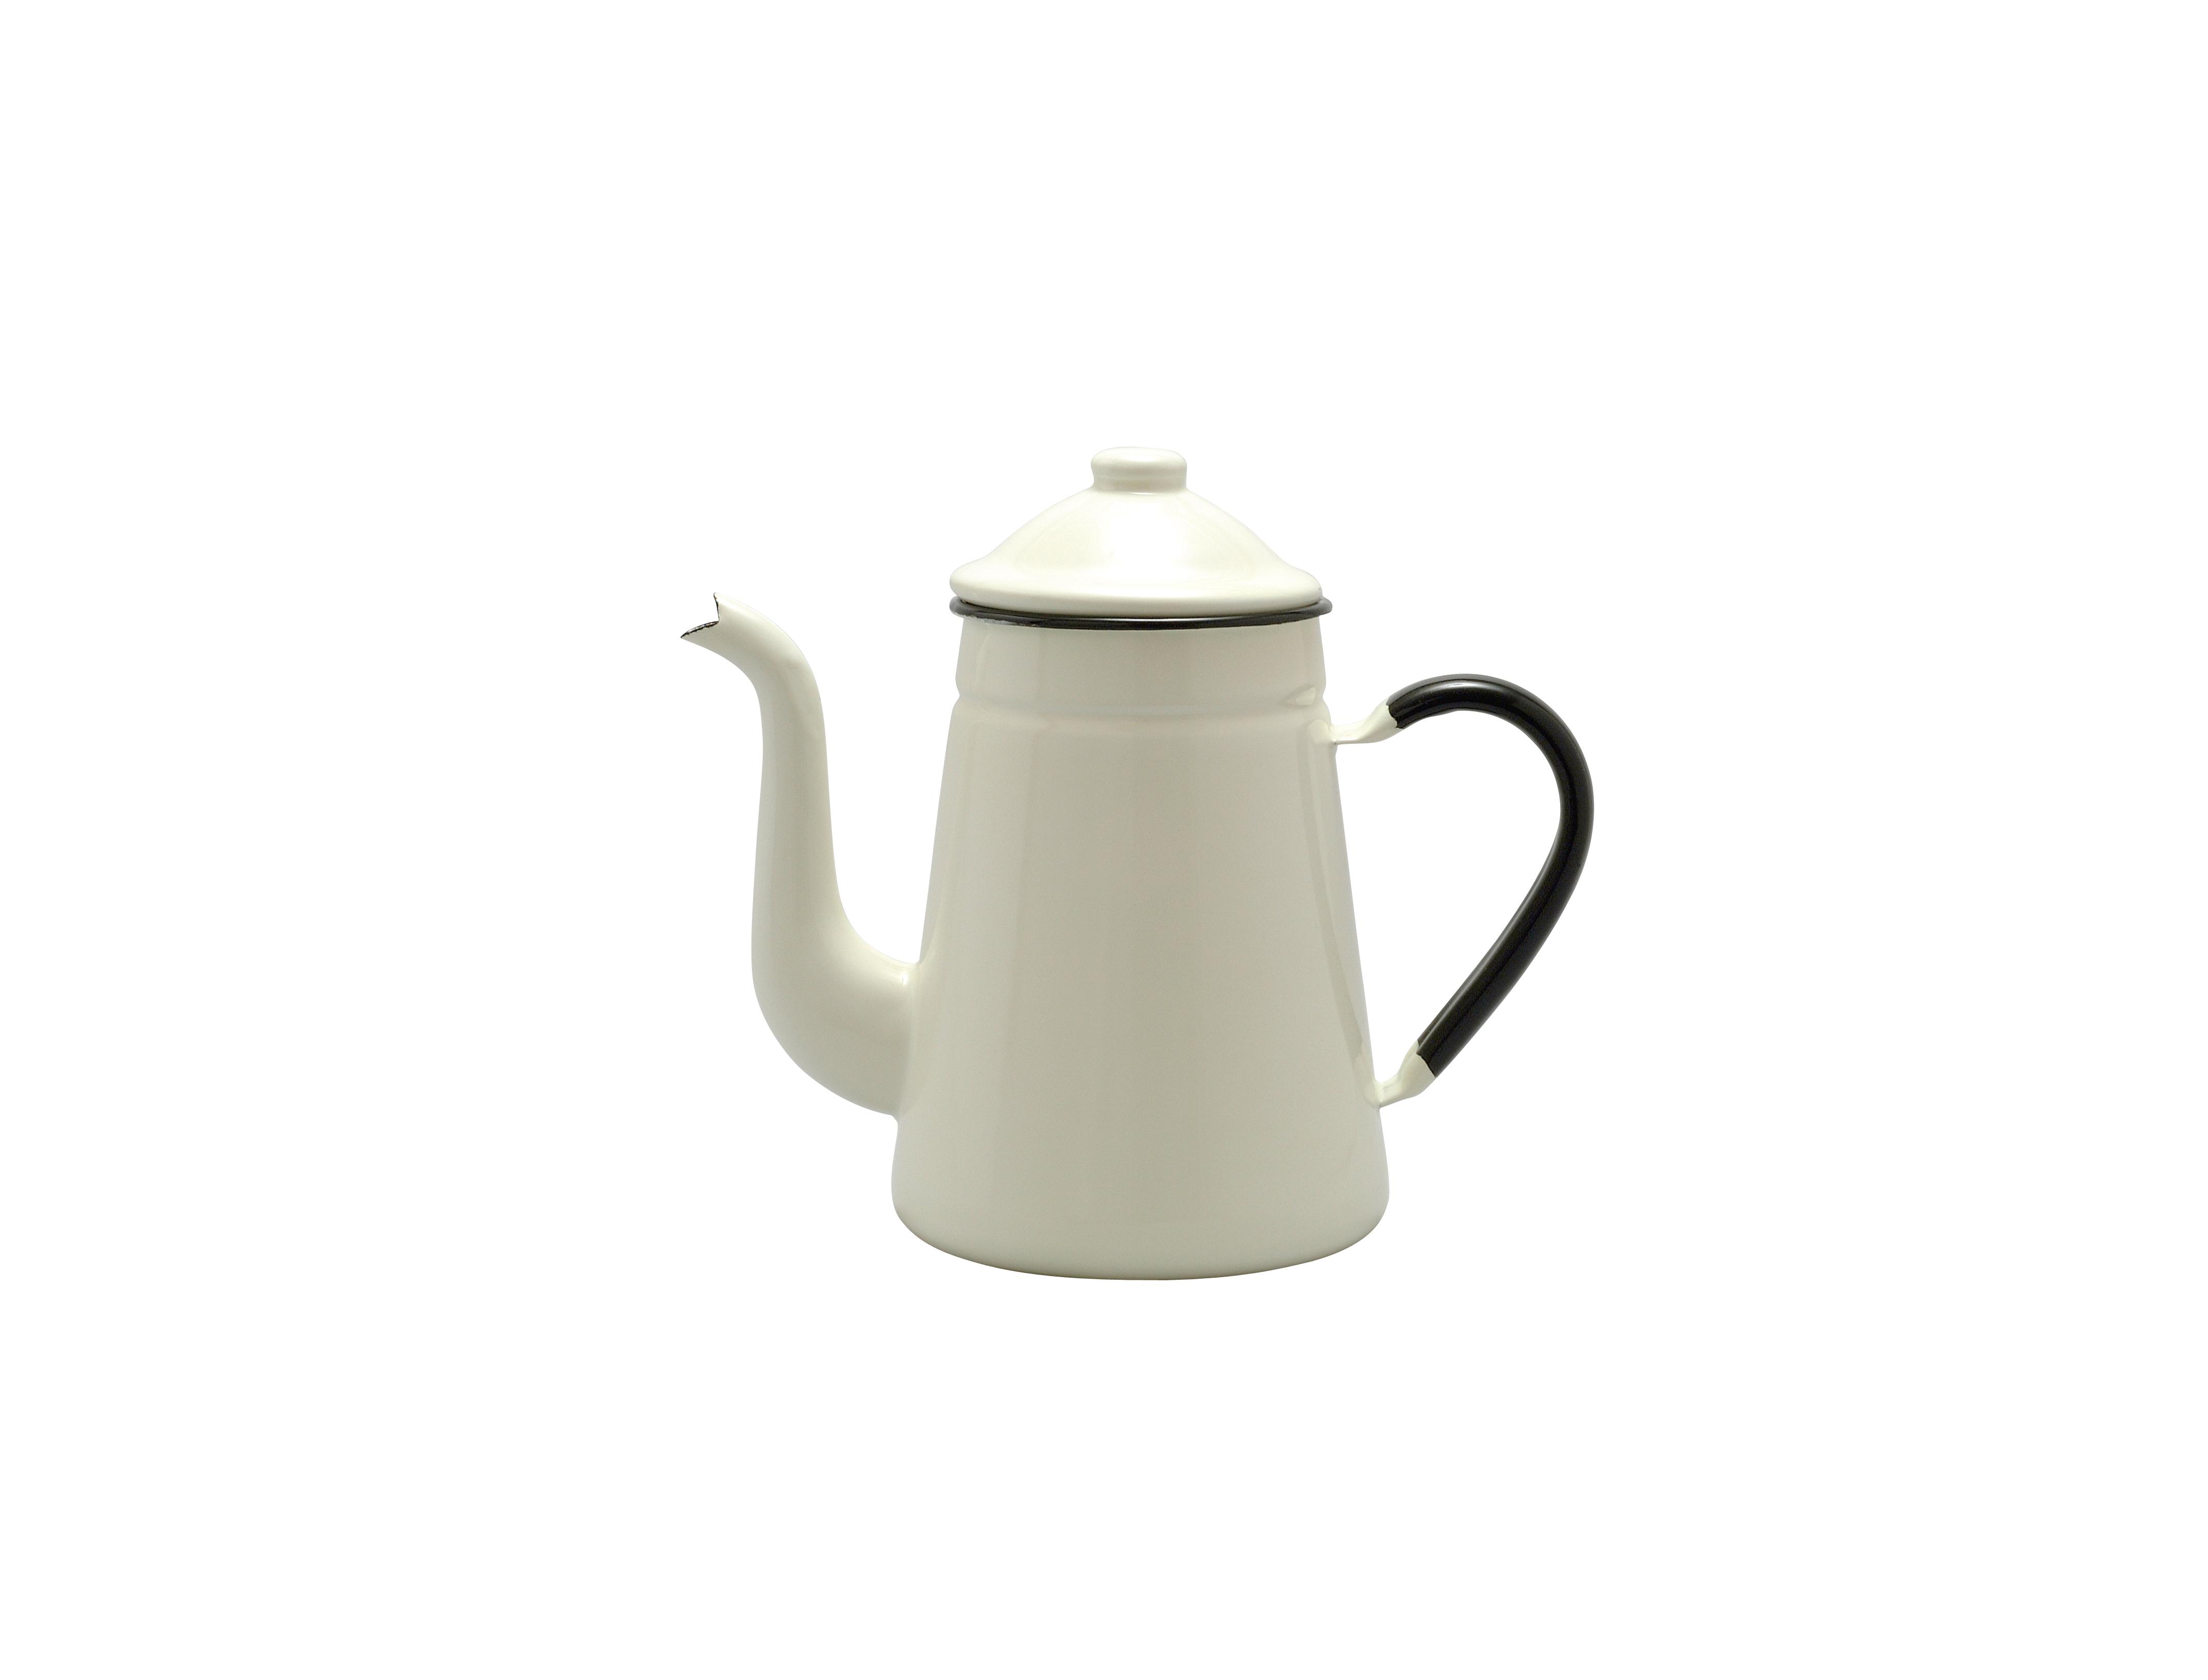 日本制Noda Horo經典麒麟Kirin Coffee pot搪瓷咖啡壺手沖可直火